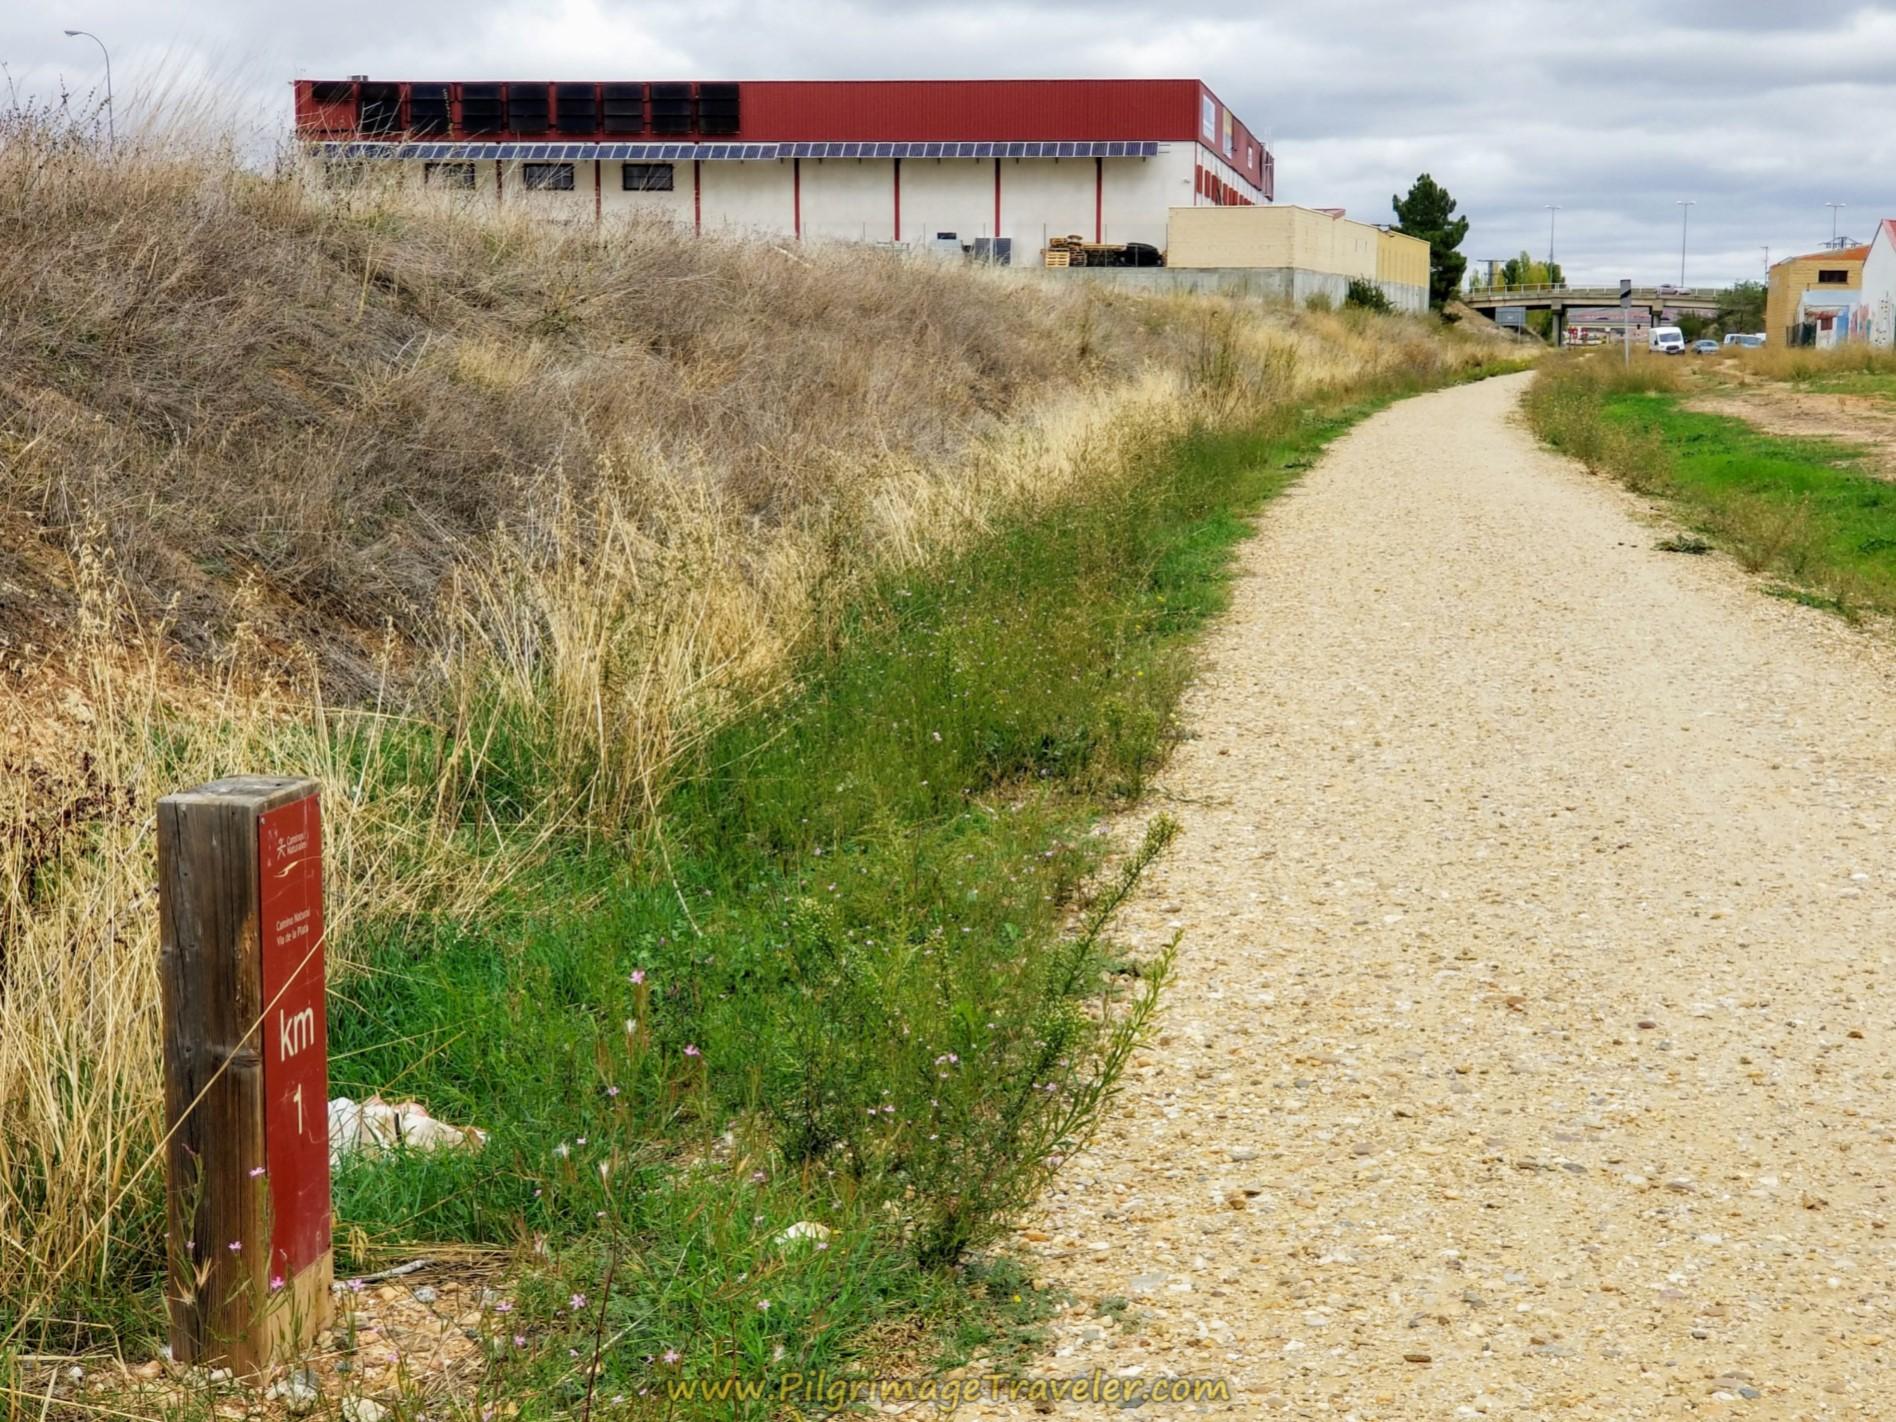 One Kilometer to Go on the Camino Natural Vía de la Plata